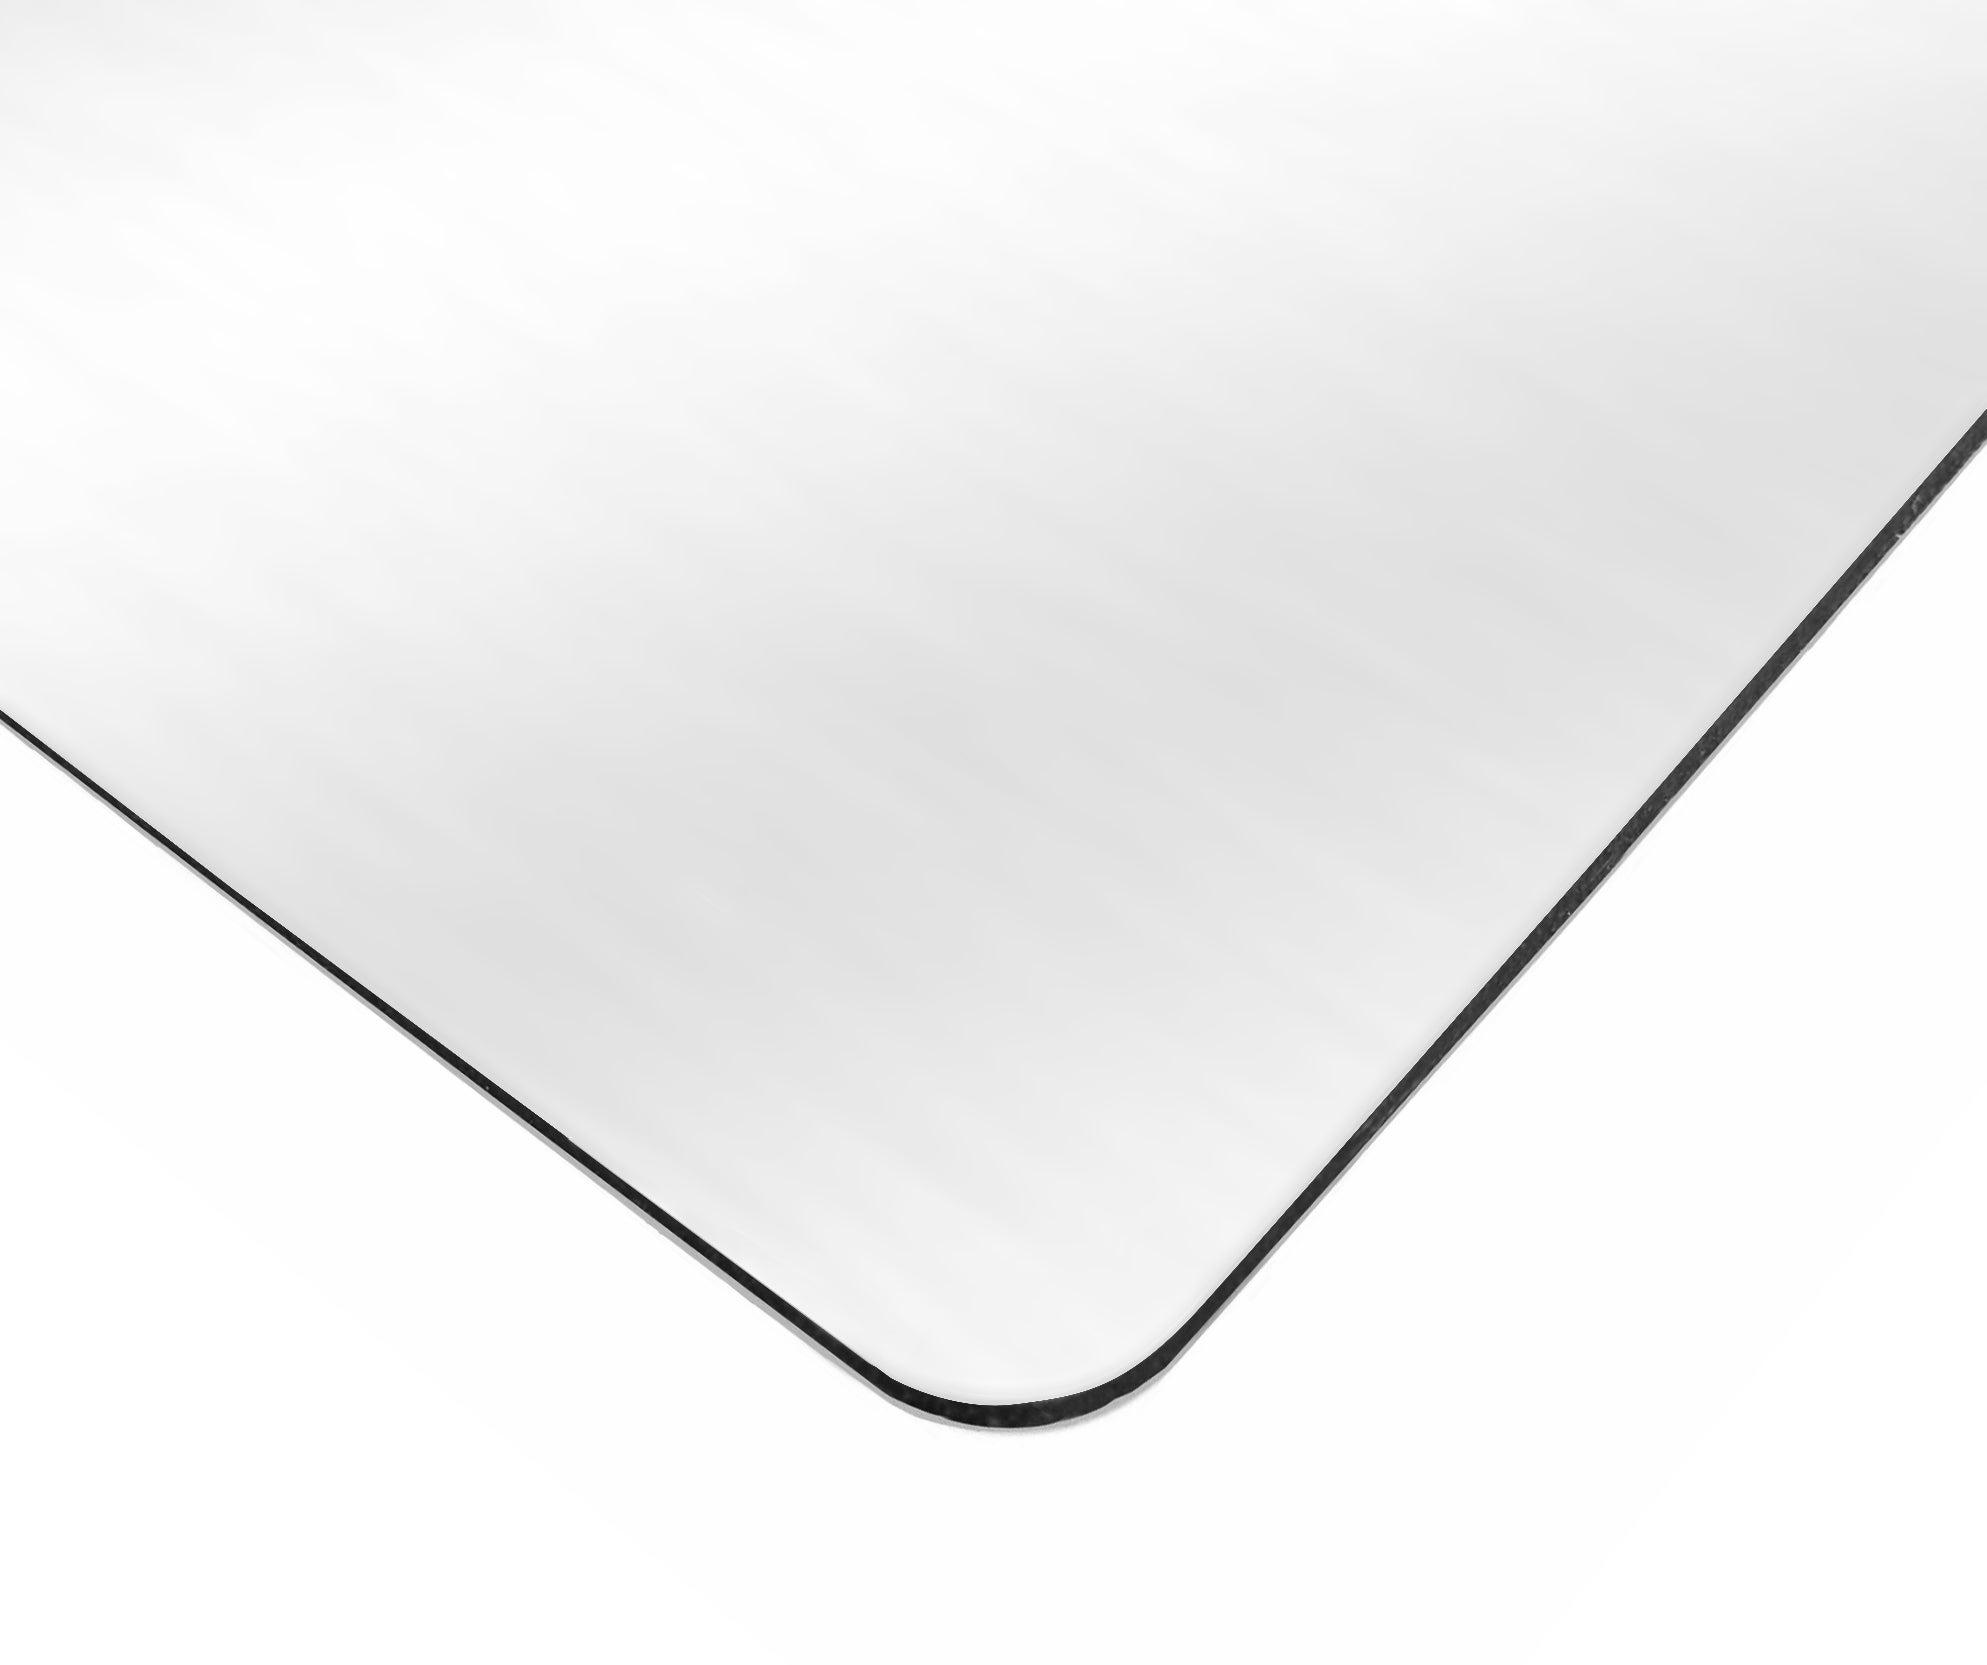 Plaque Composite Aluminium 3 Mm Blanc Lisse L 200 X 100 Cm Leroy Merlin